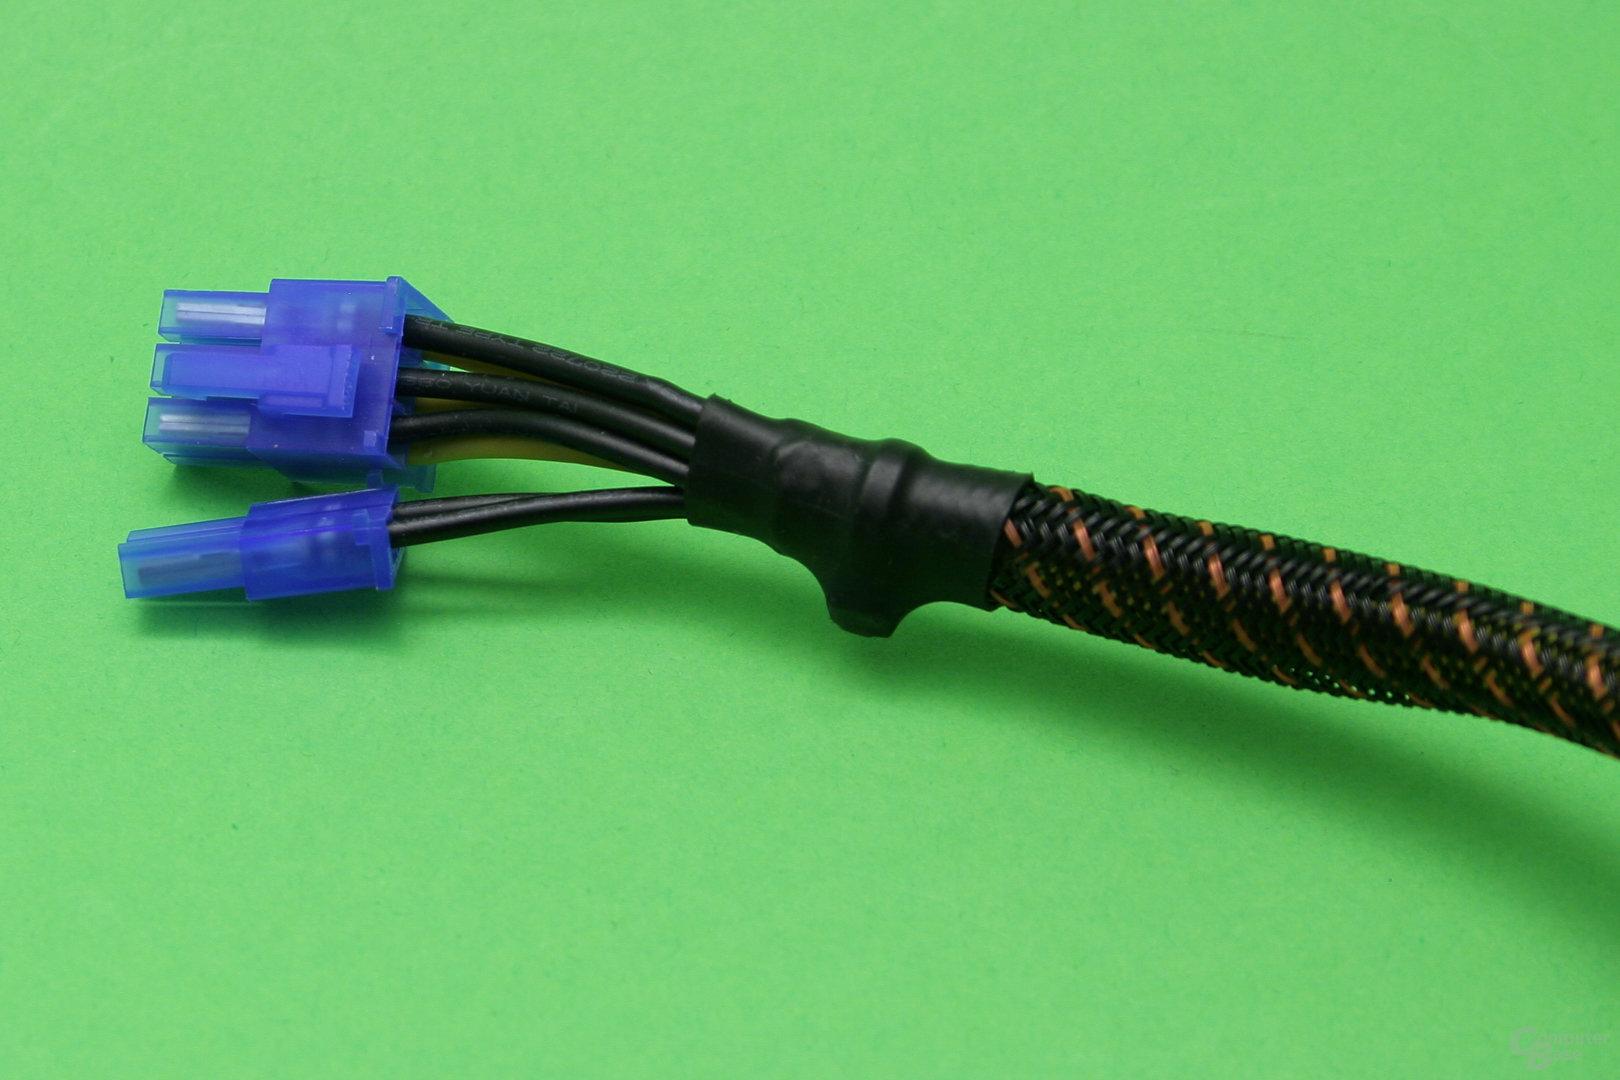 PCI-E-Anschlusskabel: Sleeve muss entfernt werden